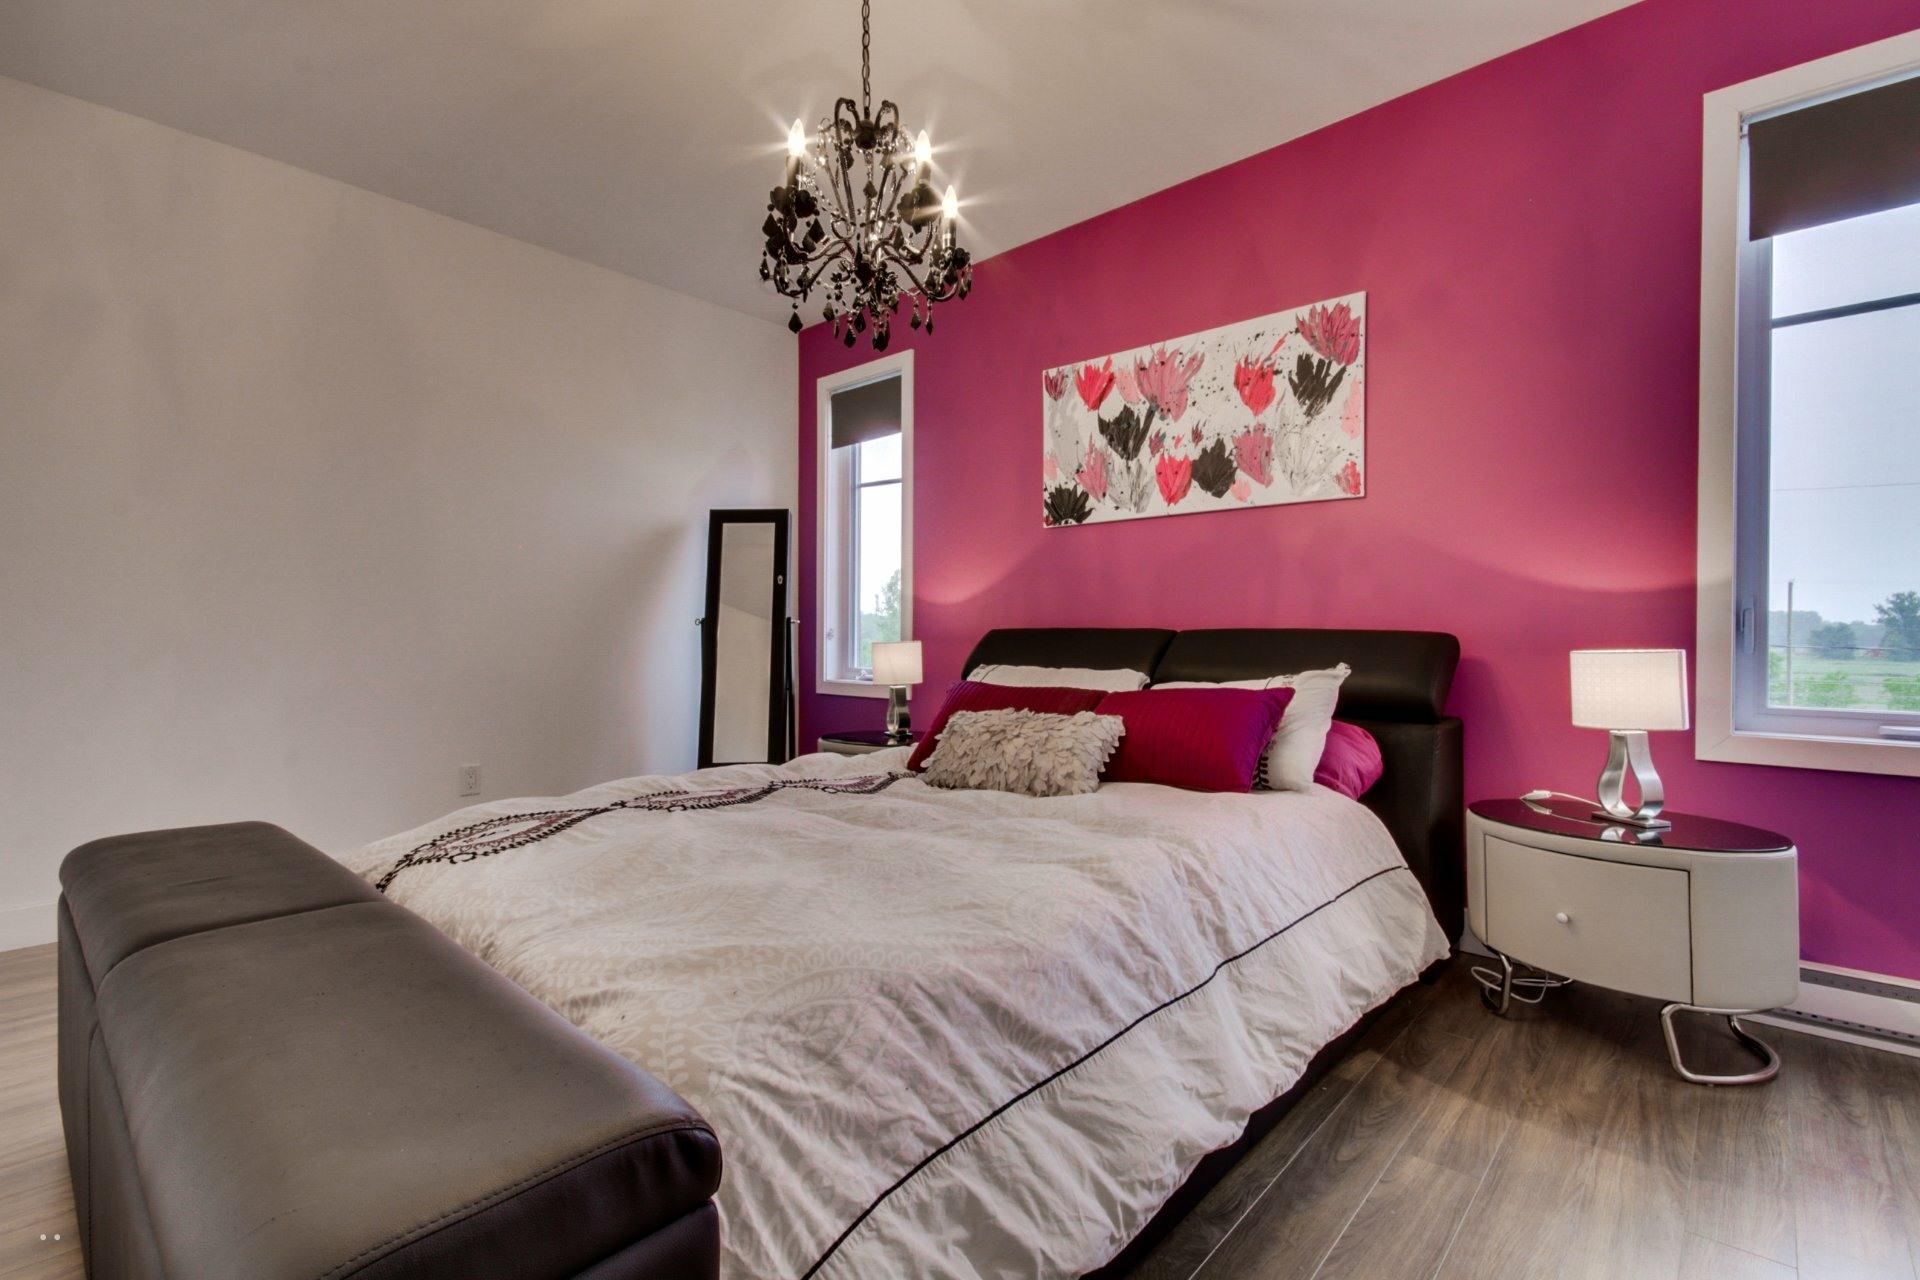 image 31 - Appartement À vendre Trois-Rivières - 7 pièces